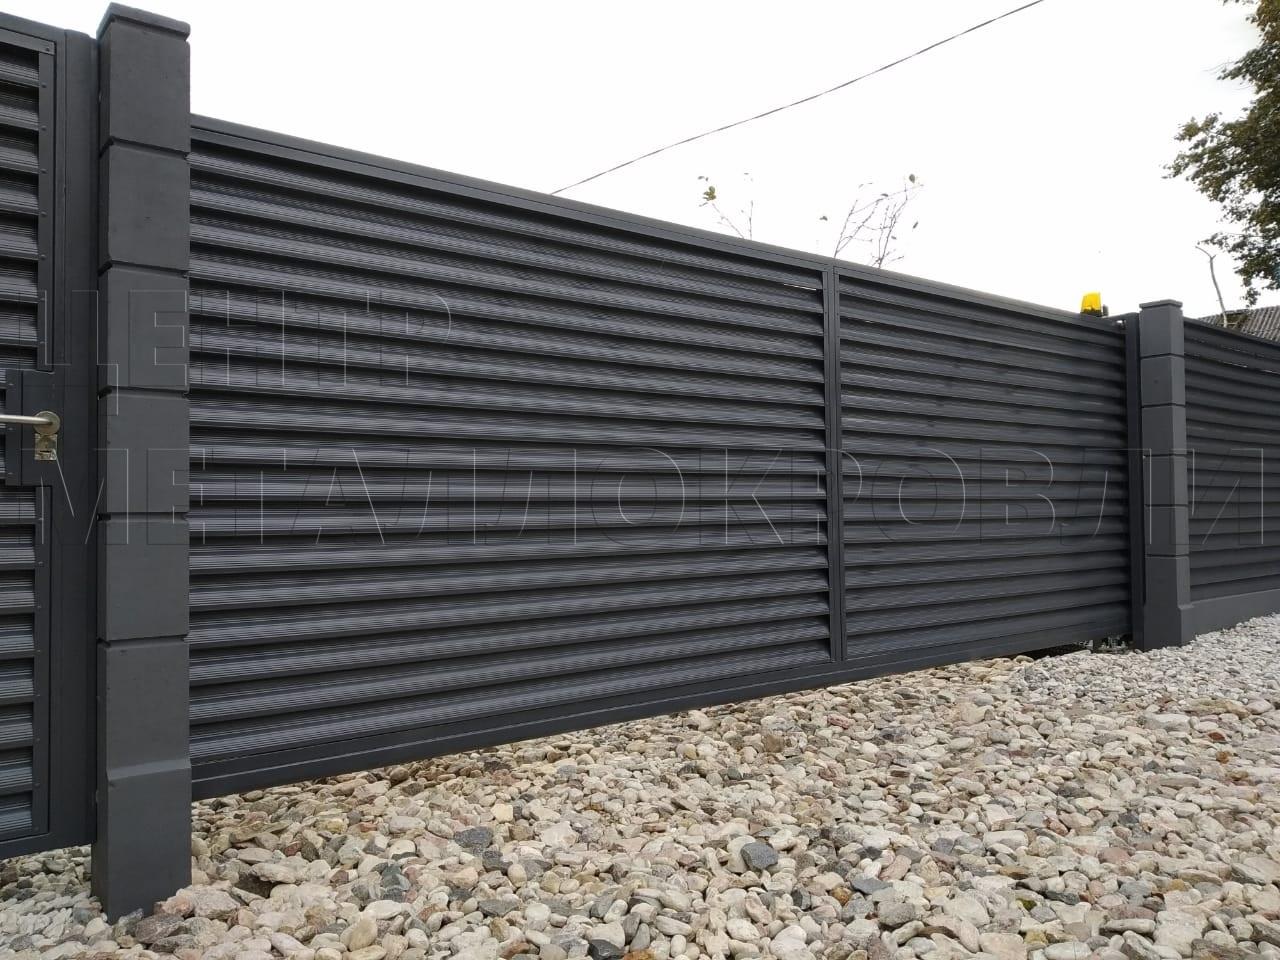 Забор-жалюзи из ламелей Еврожалюзи в цвете Серый графит